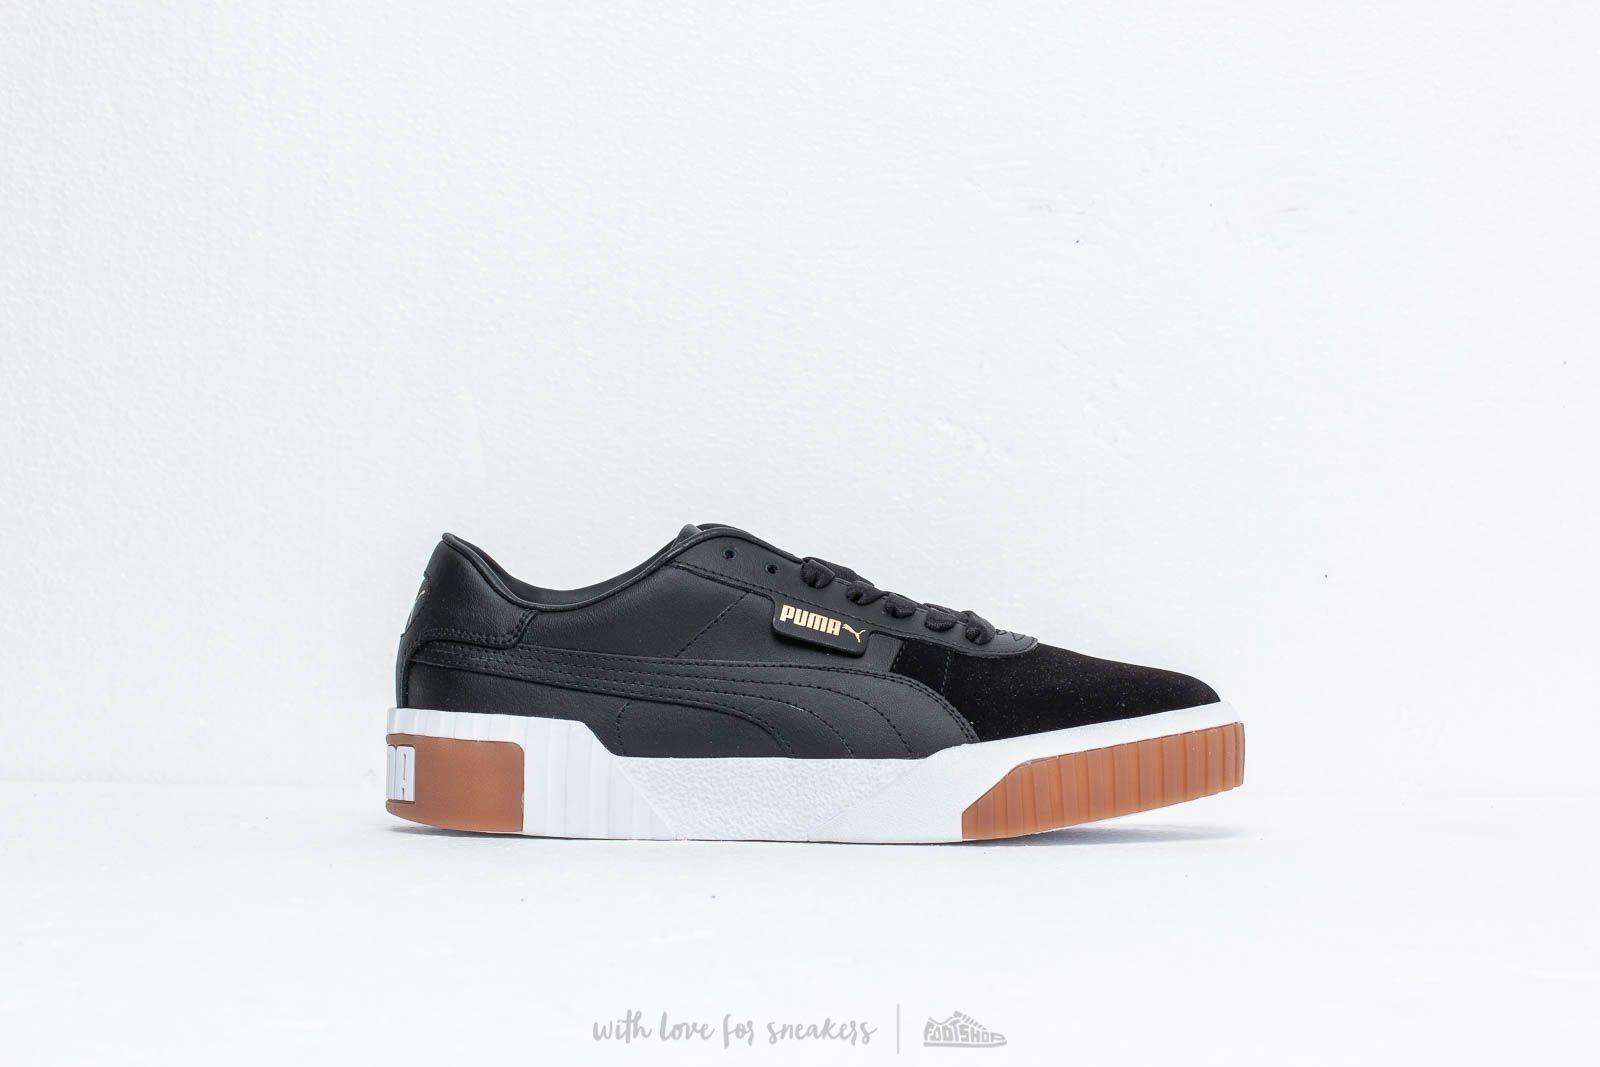 177670311d9 Puma Cali Exotic Wn s Puma Black a muy buen precio 96 € comprar en Footshop